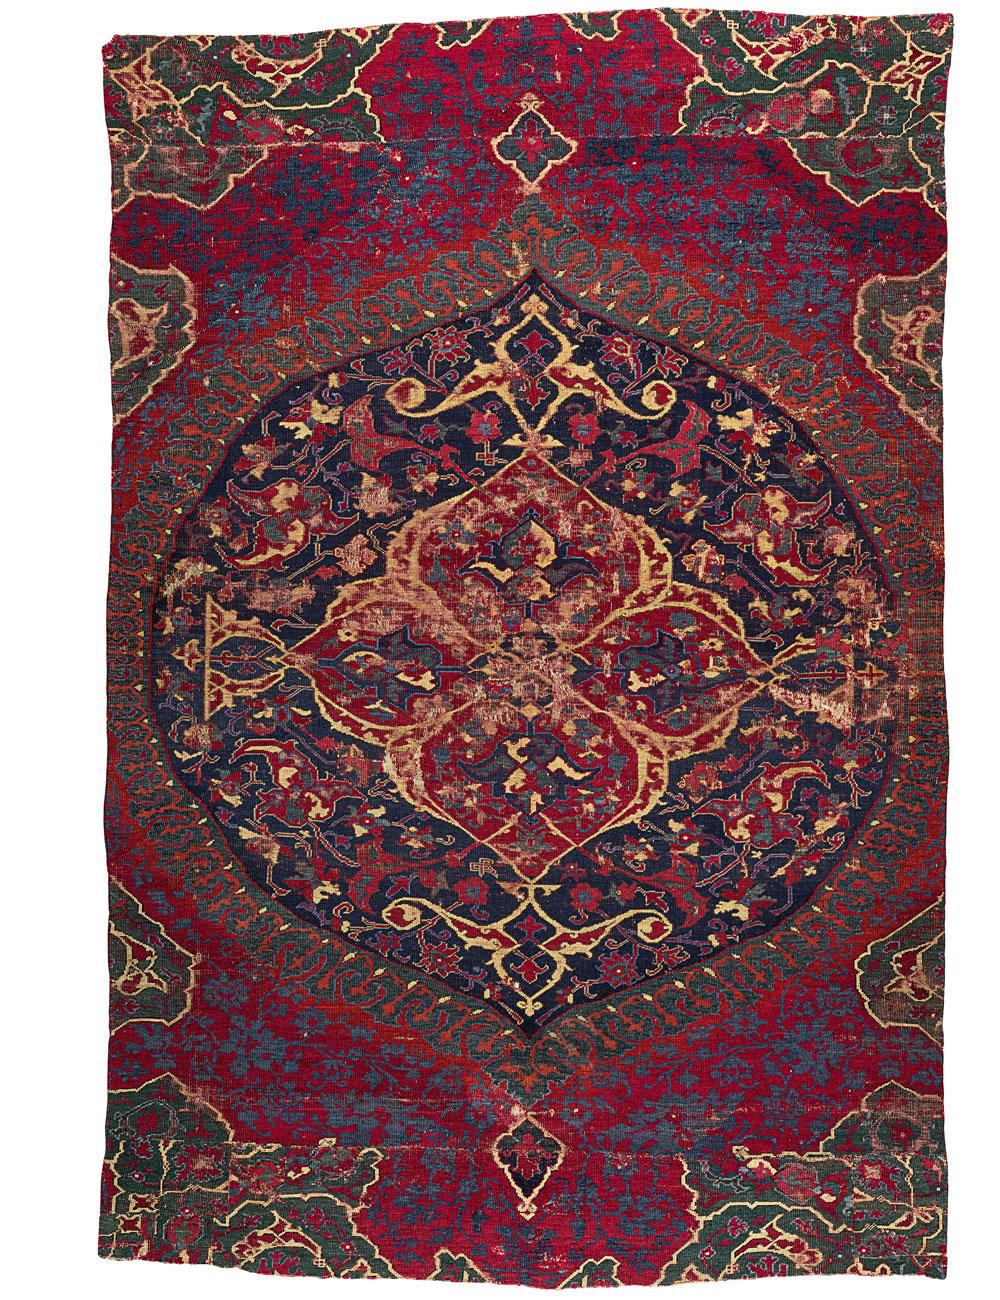 'Medallion' carpet fragment, Oushak